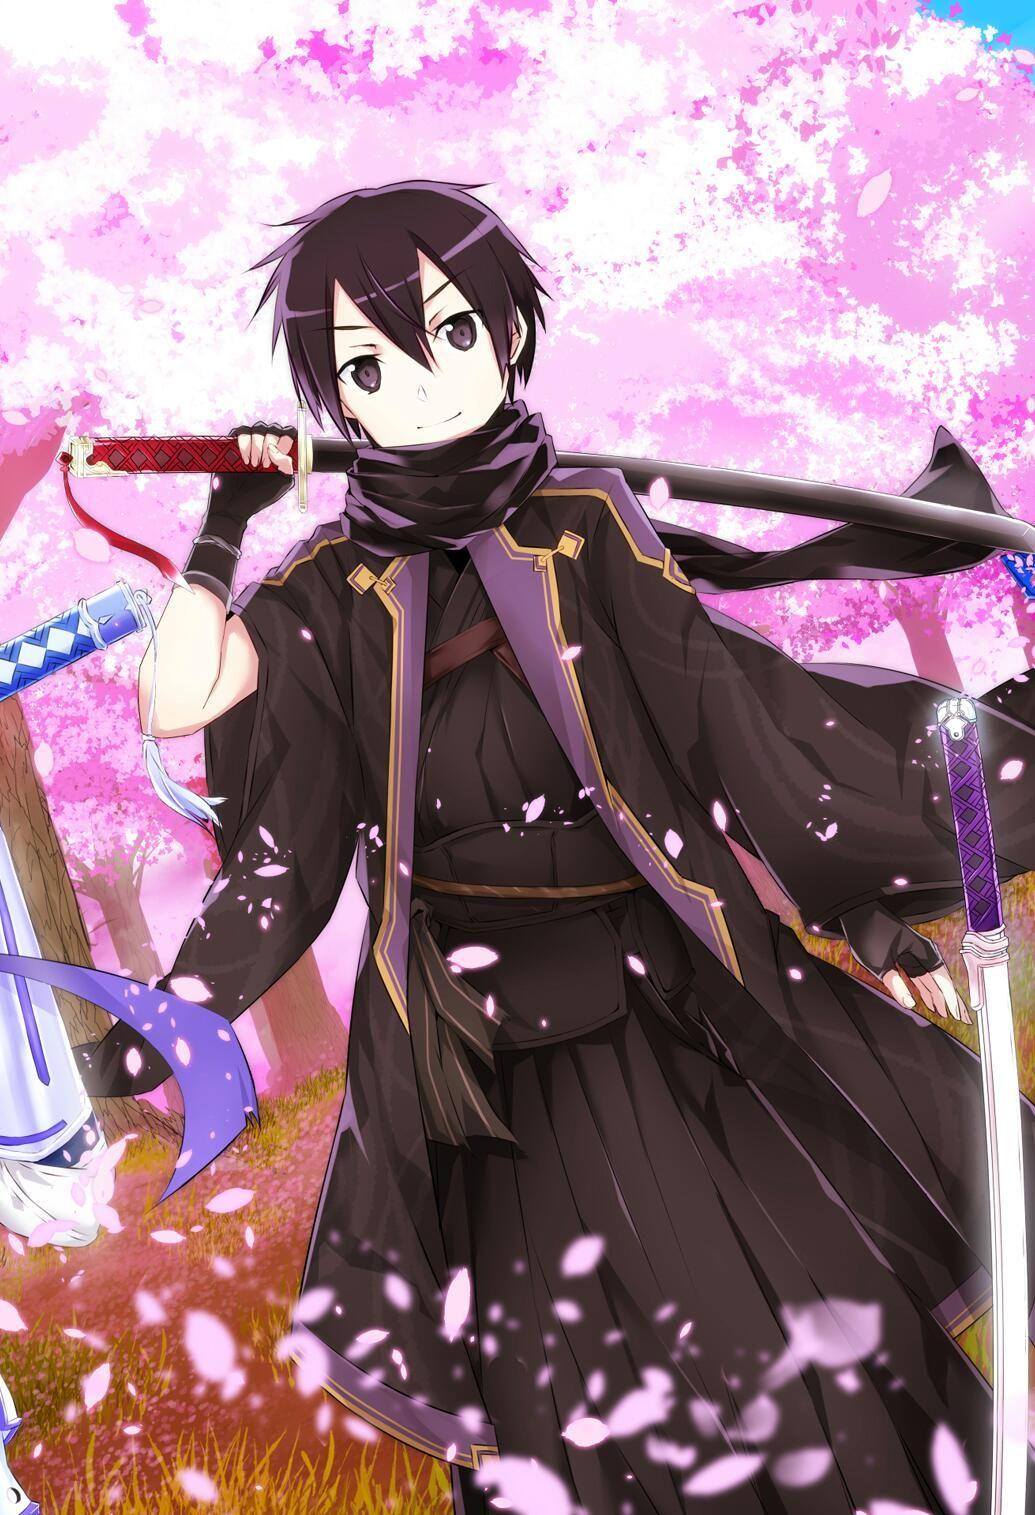 HD Wallpaper 5 Seni, Anime anak lakilaki, Anak laki